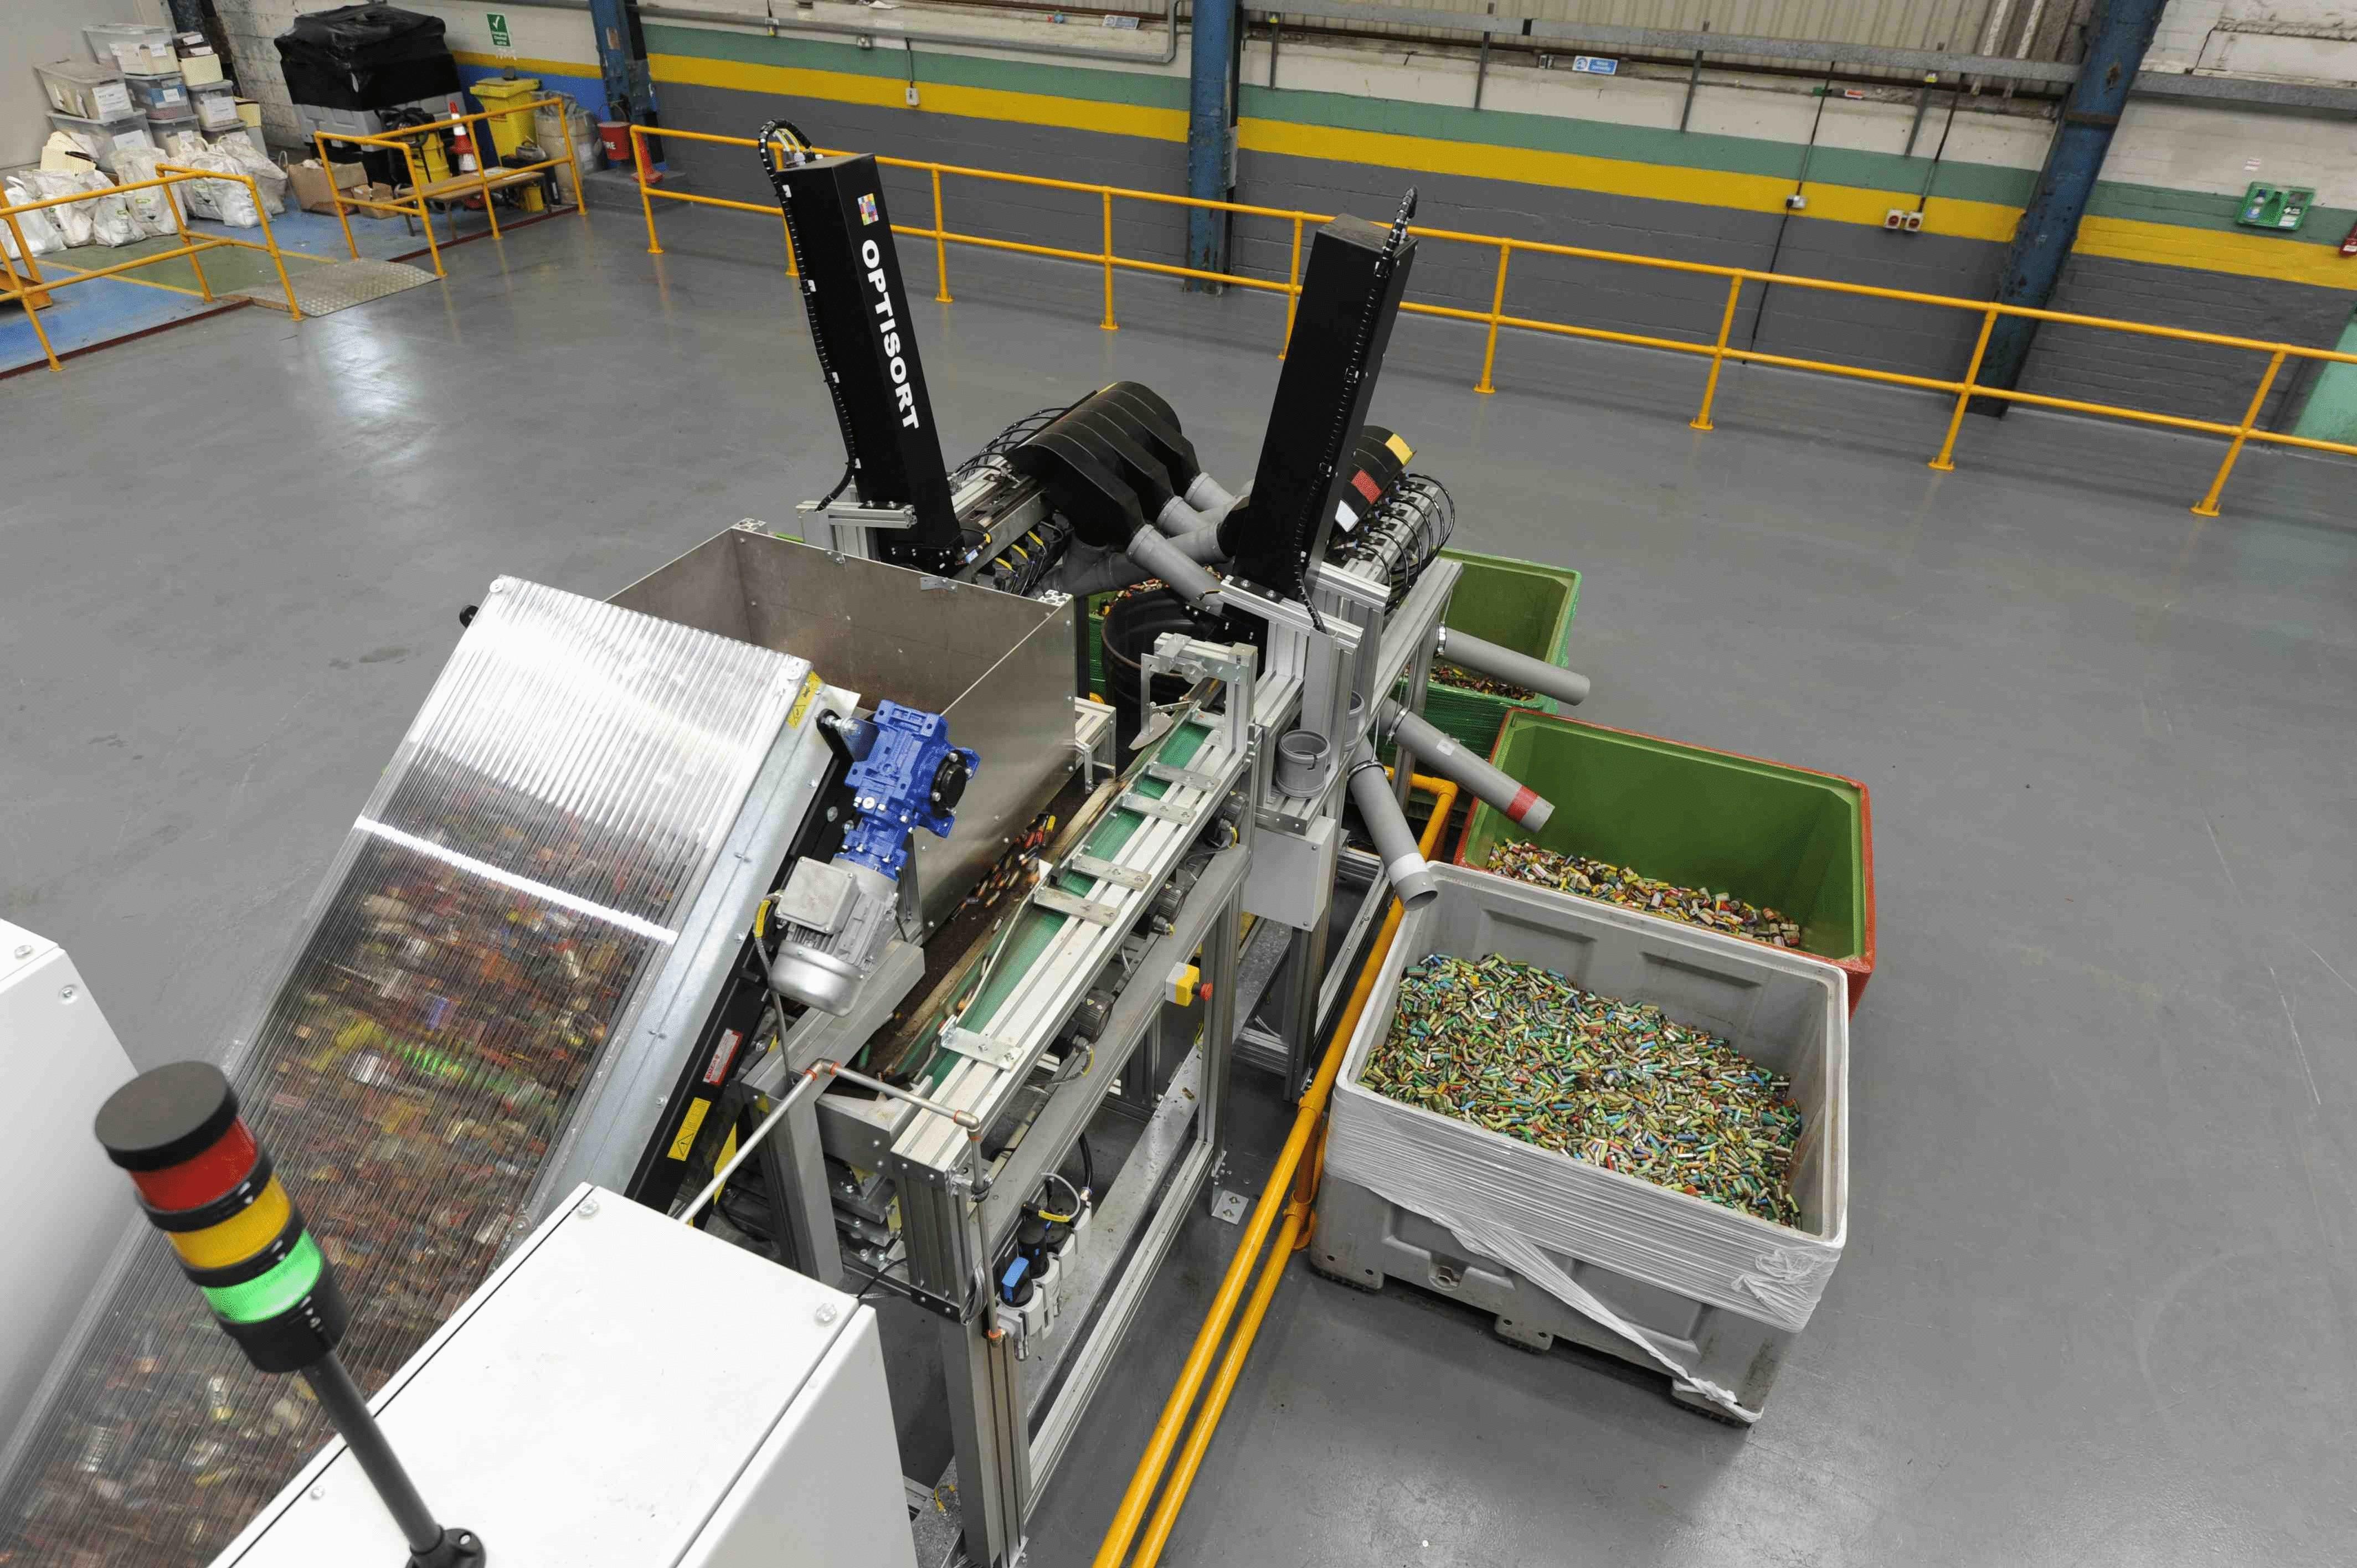 Сортировка использованных батареек перед утилизацией